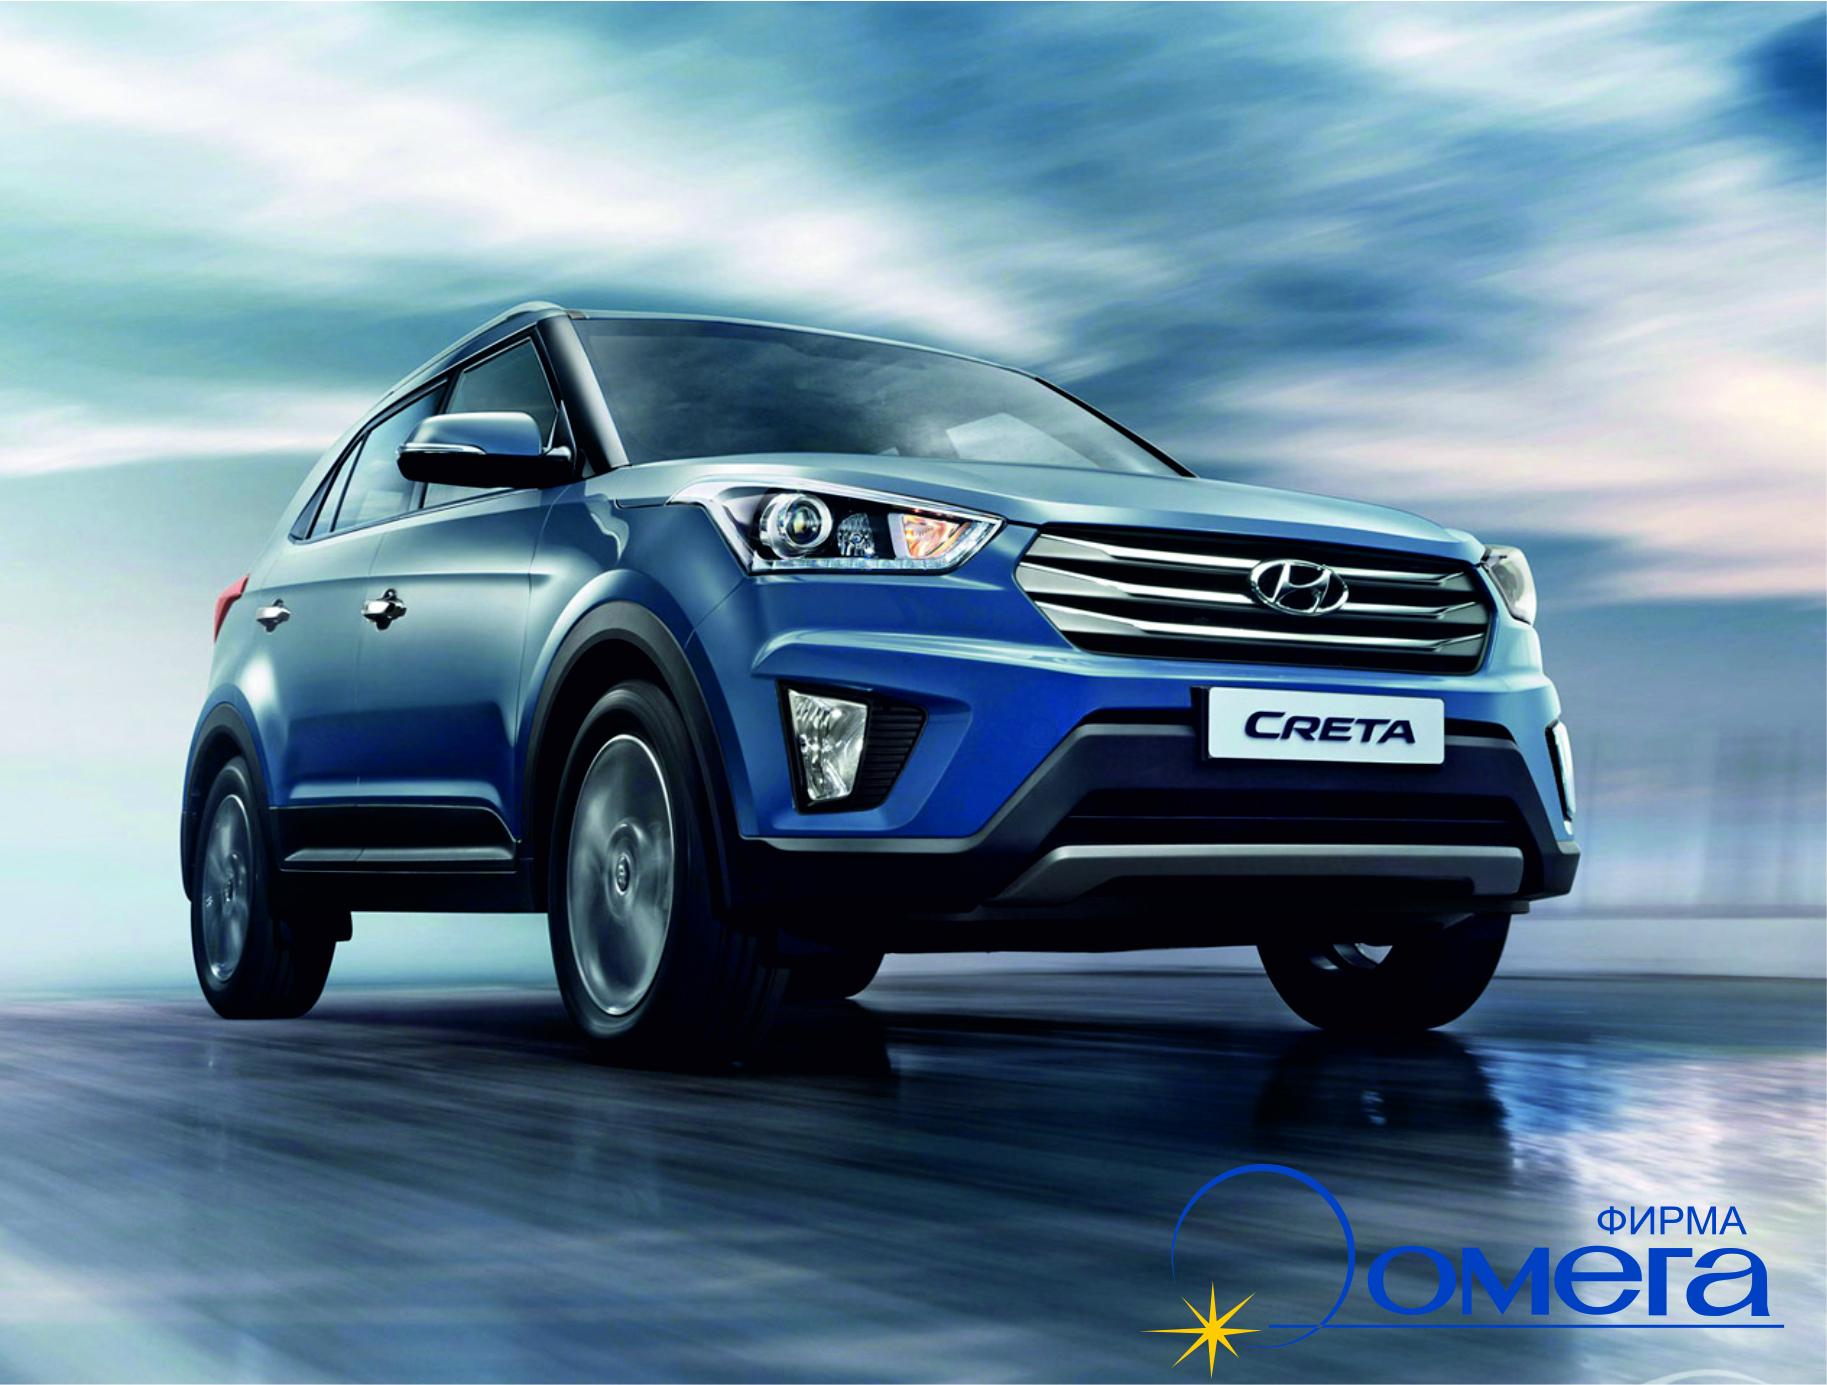 Автомобили в Лизинг от 4,99% годовых, КАСКО в первый год в подарок!